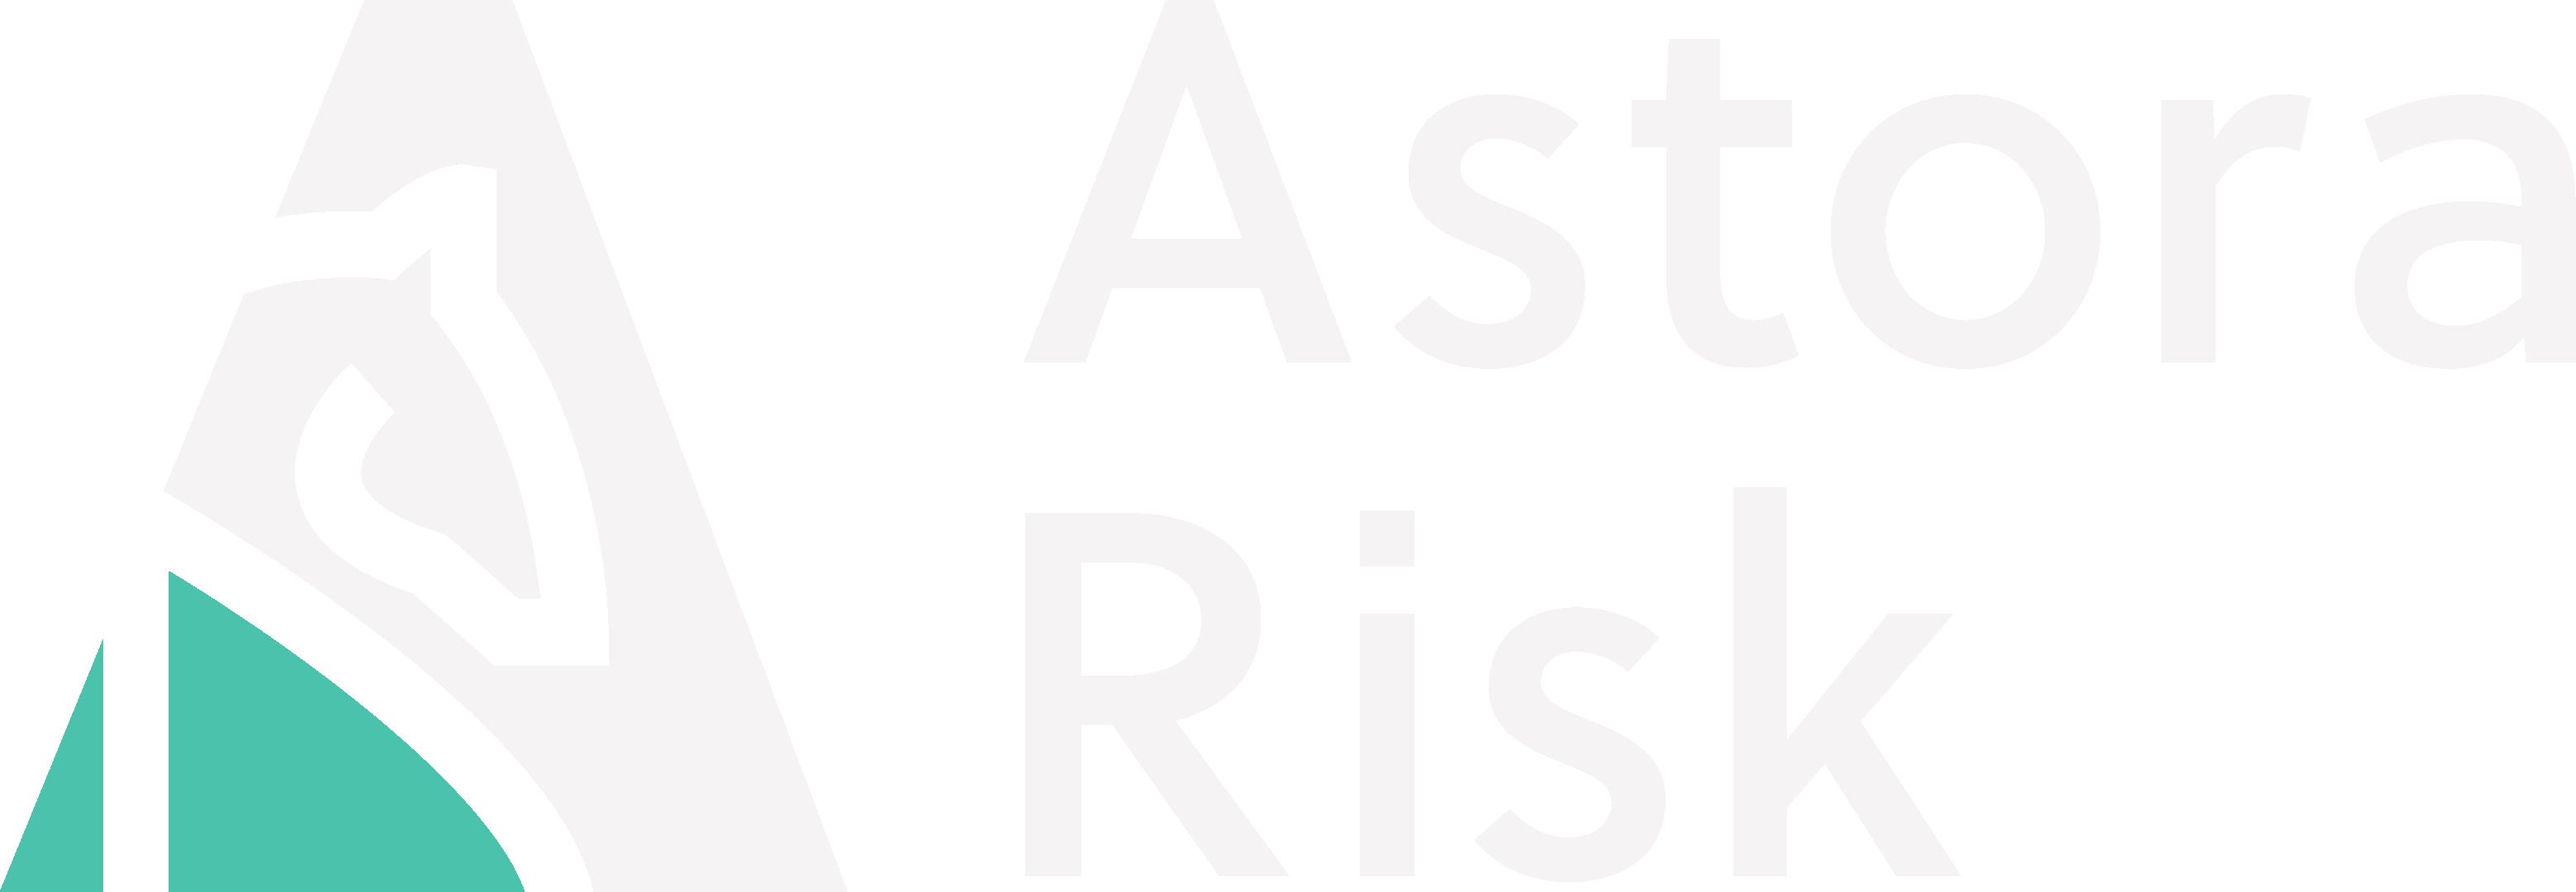 Astora Risk